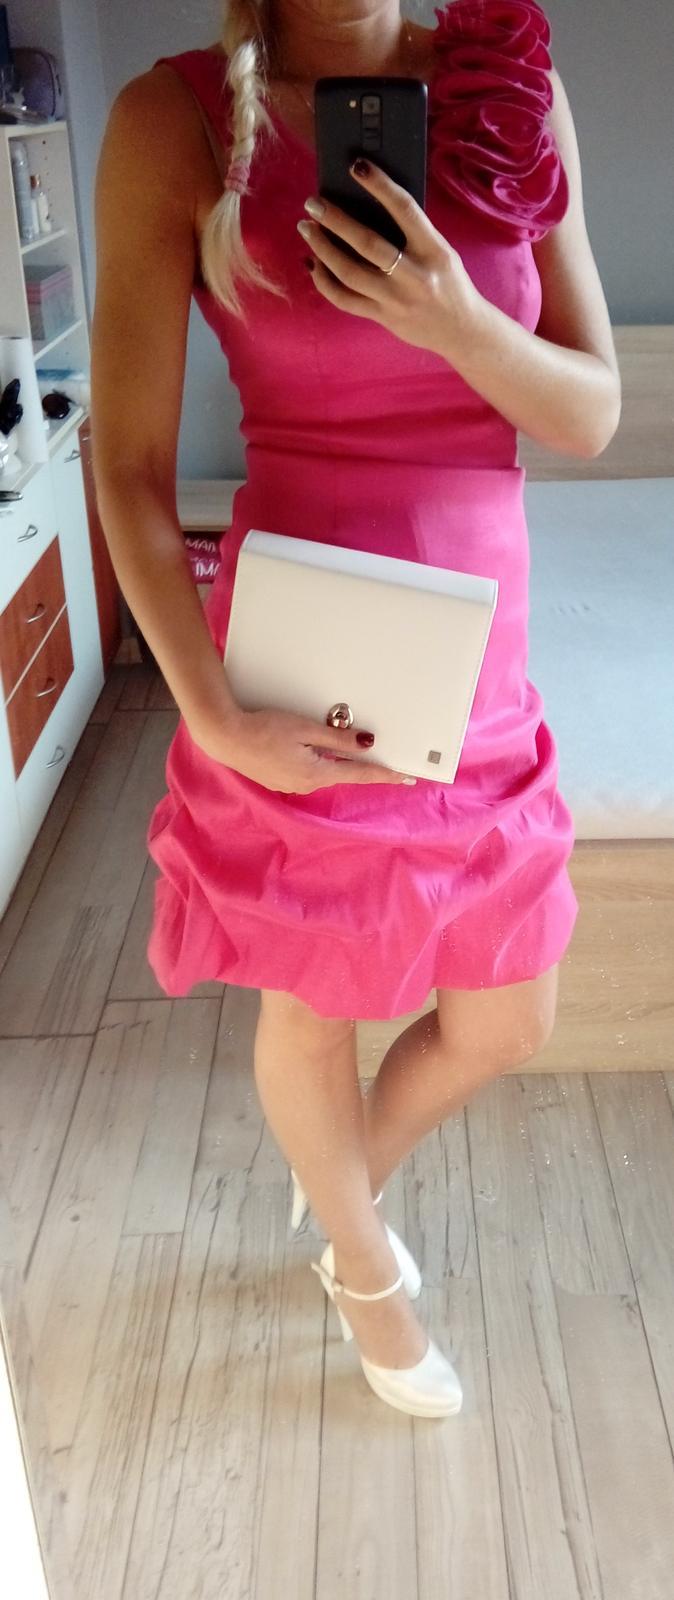 Ružové šaty zn. Aasar veľkosť 38 - Obrázok č. 1